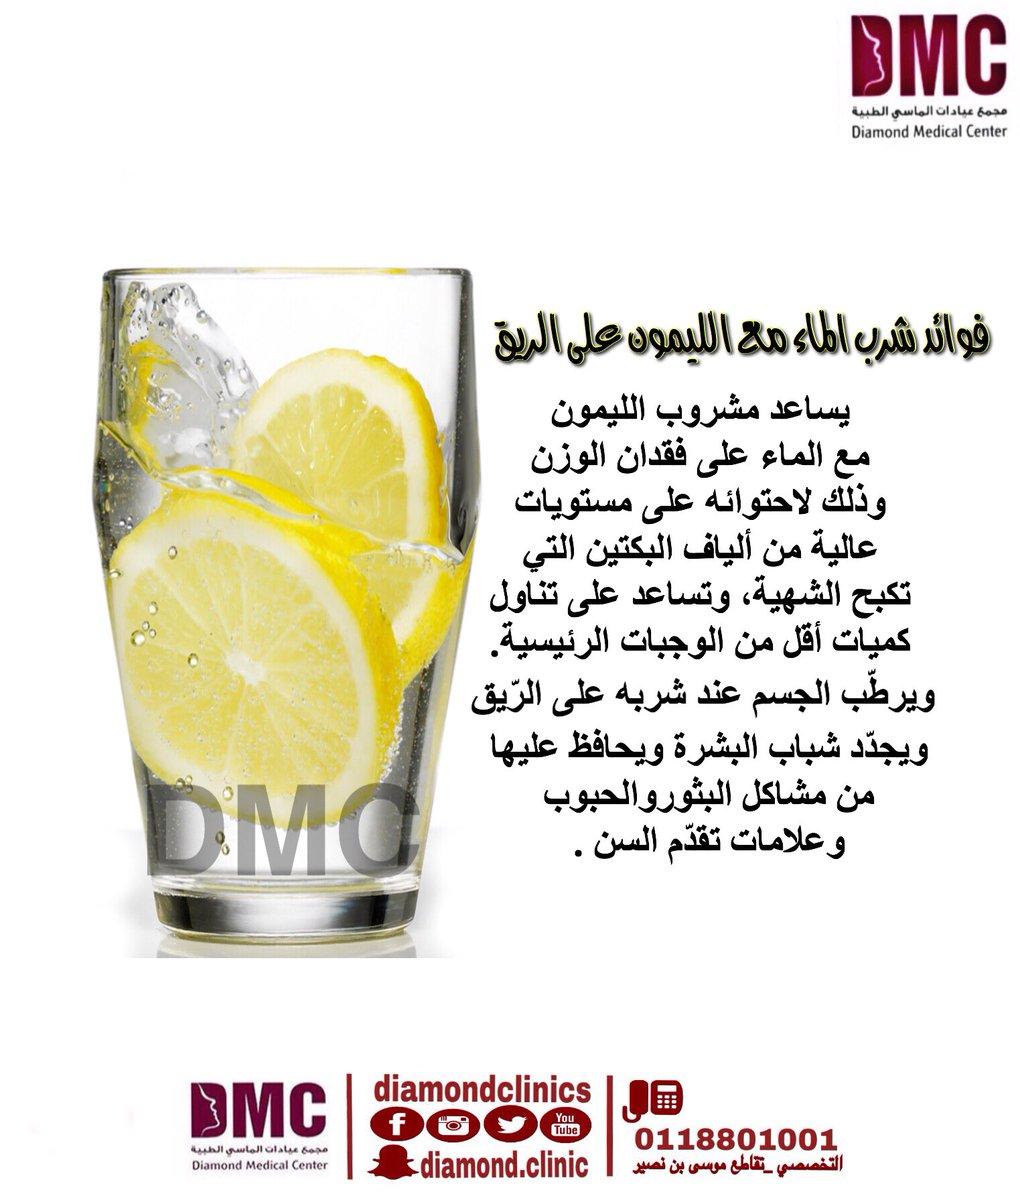 صورة استفيد من الليمون وتناوله علي الريق ستدهش من النتائج ،فوائد الليمون على الريق